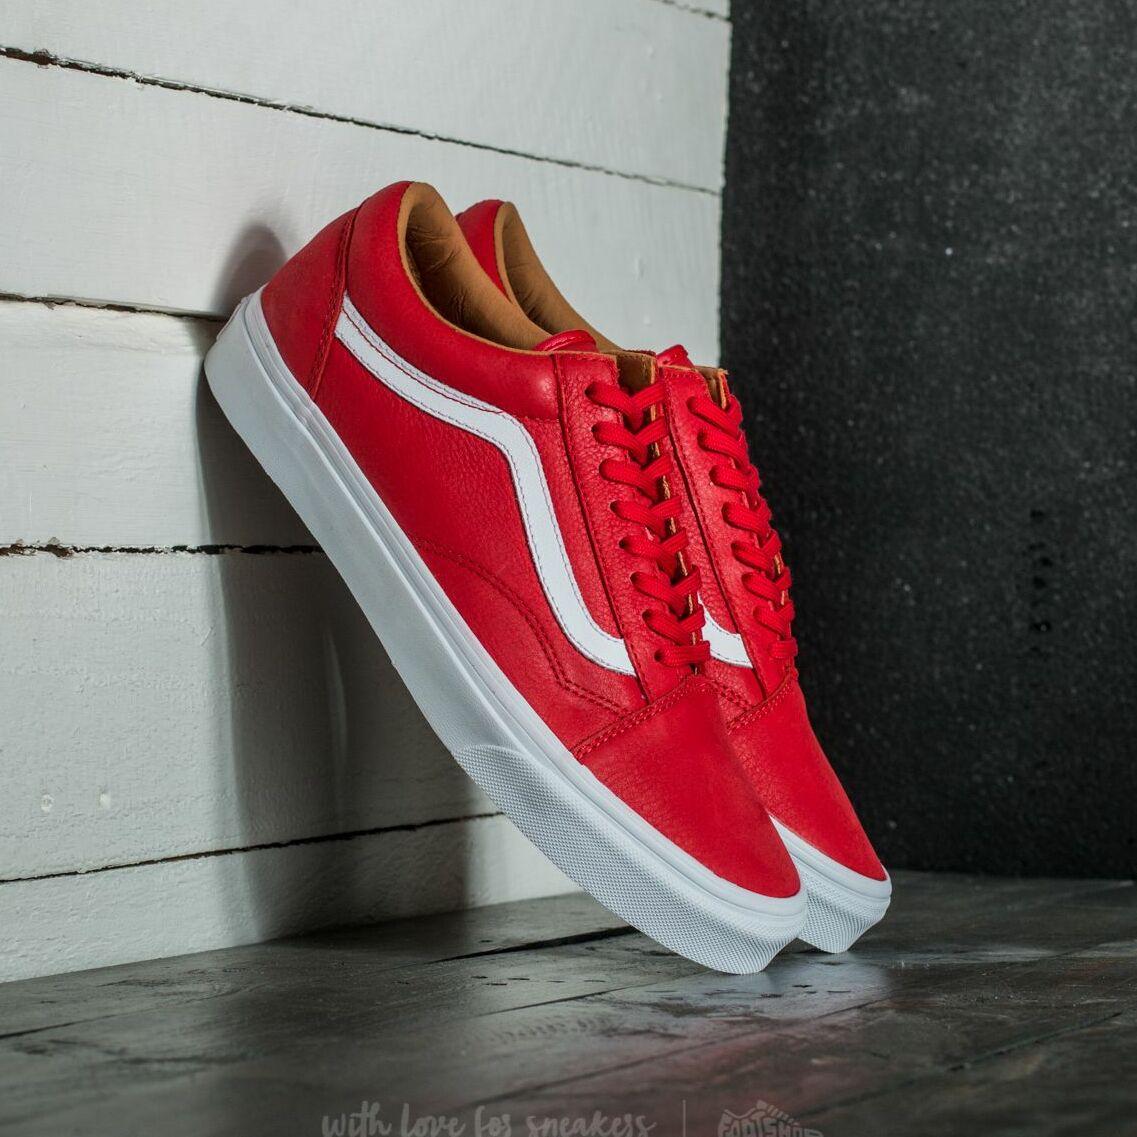 Vans Old Skool (Premium Leather) Racing Red/ True White EUR 36.5